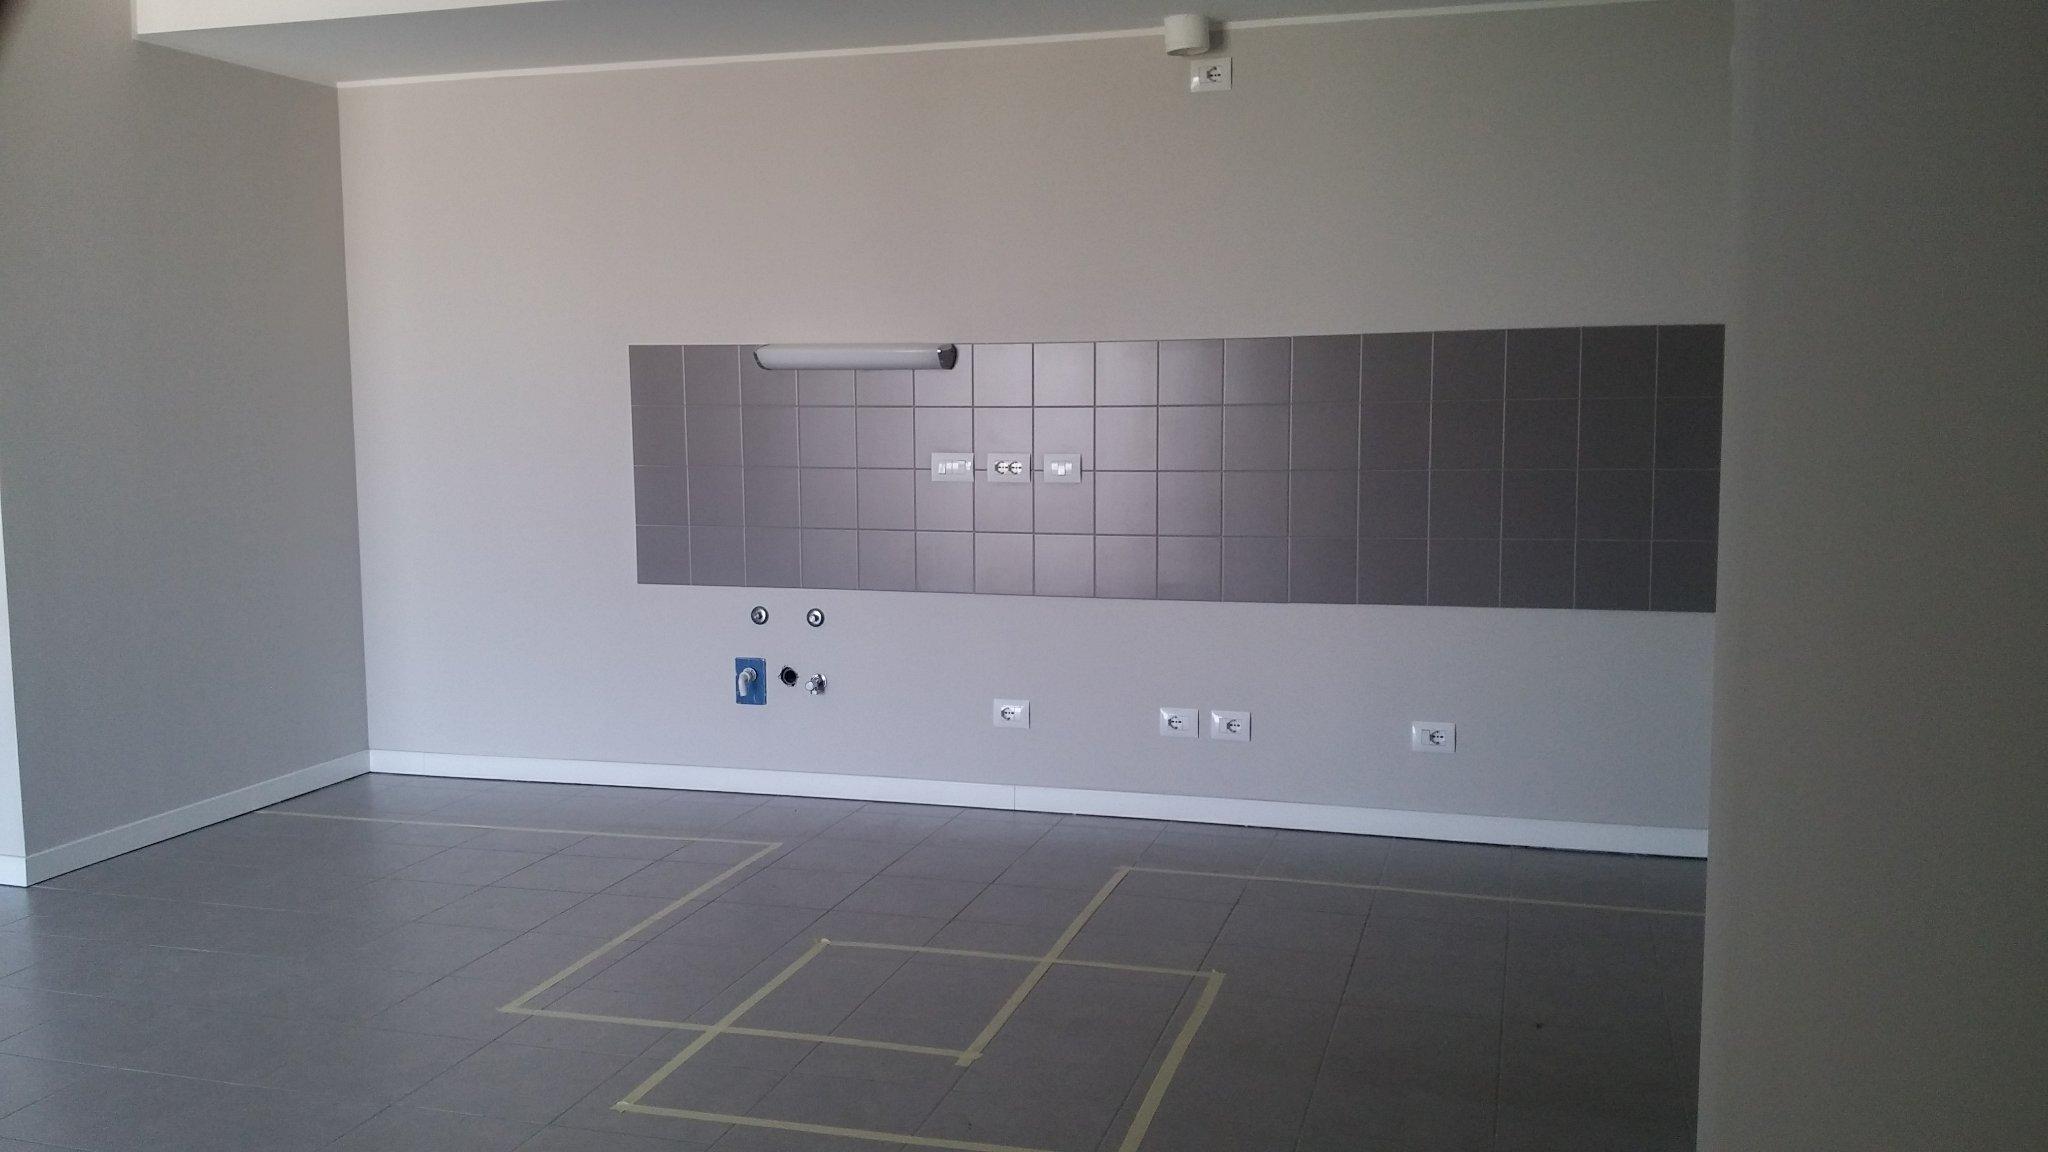 Togliere 3m2 di piastrelle parete cucina e metterle nuove già a